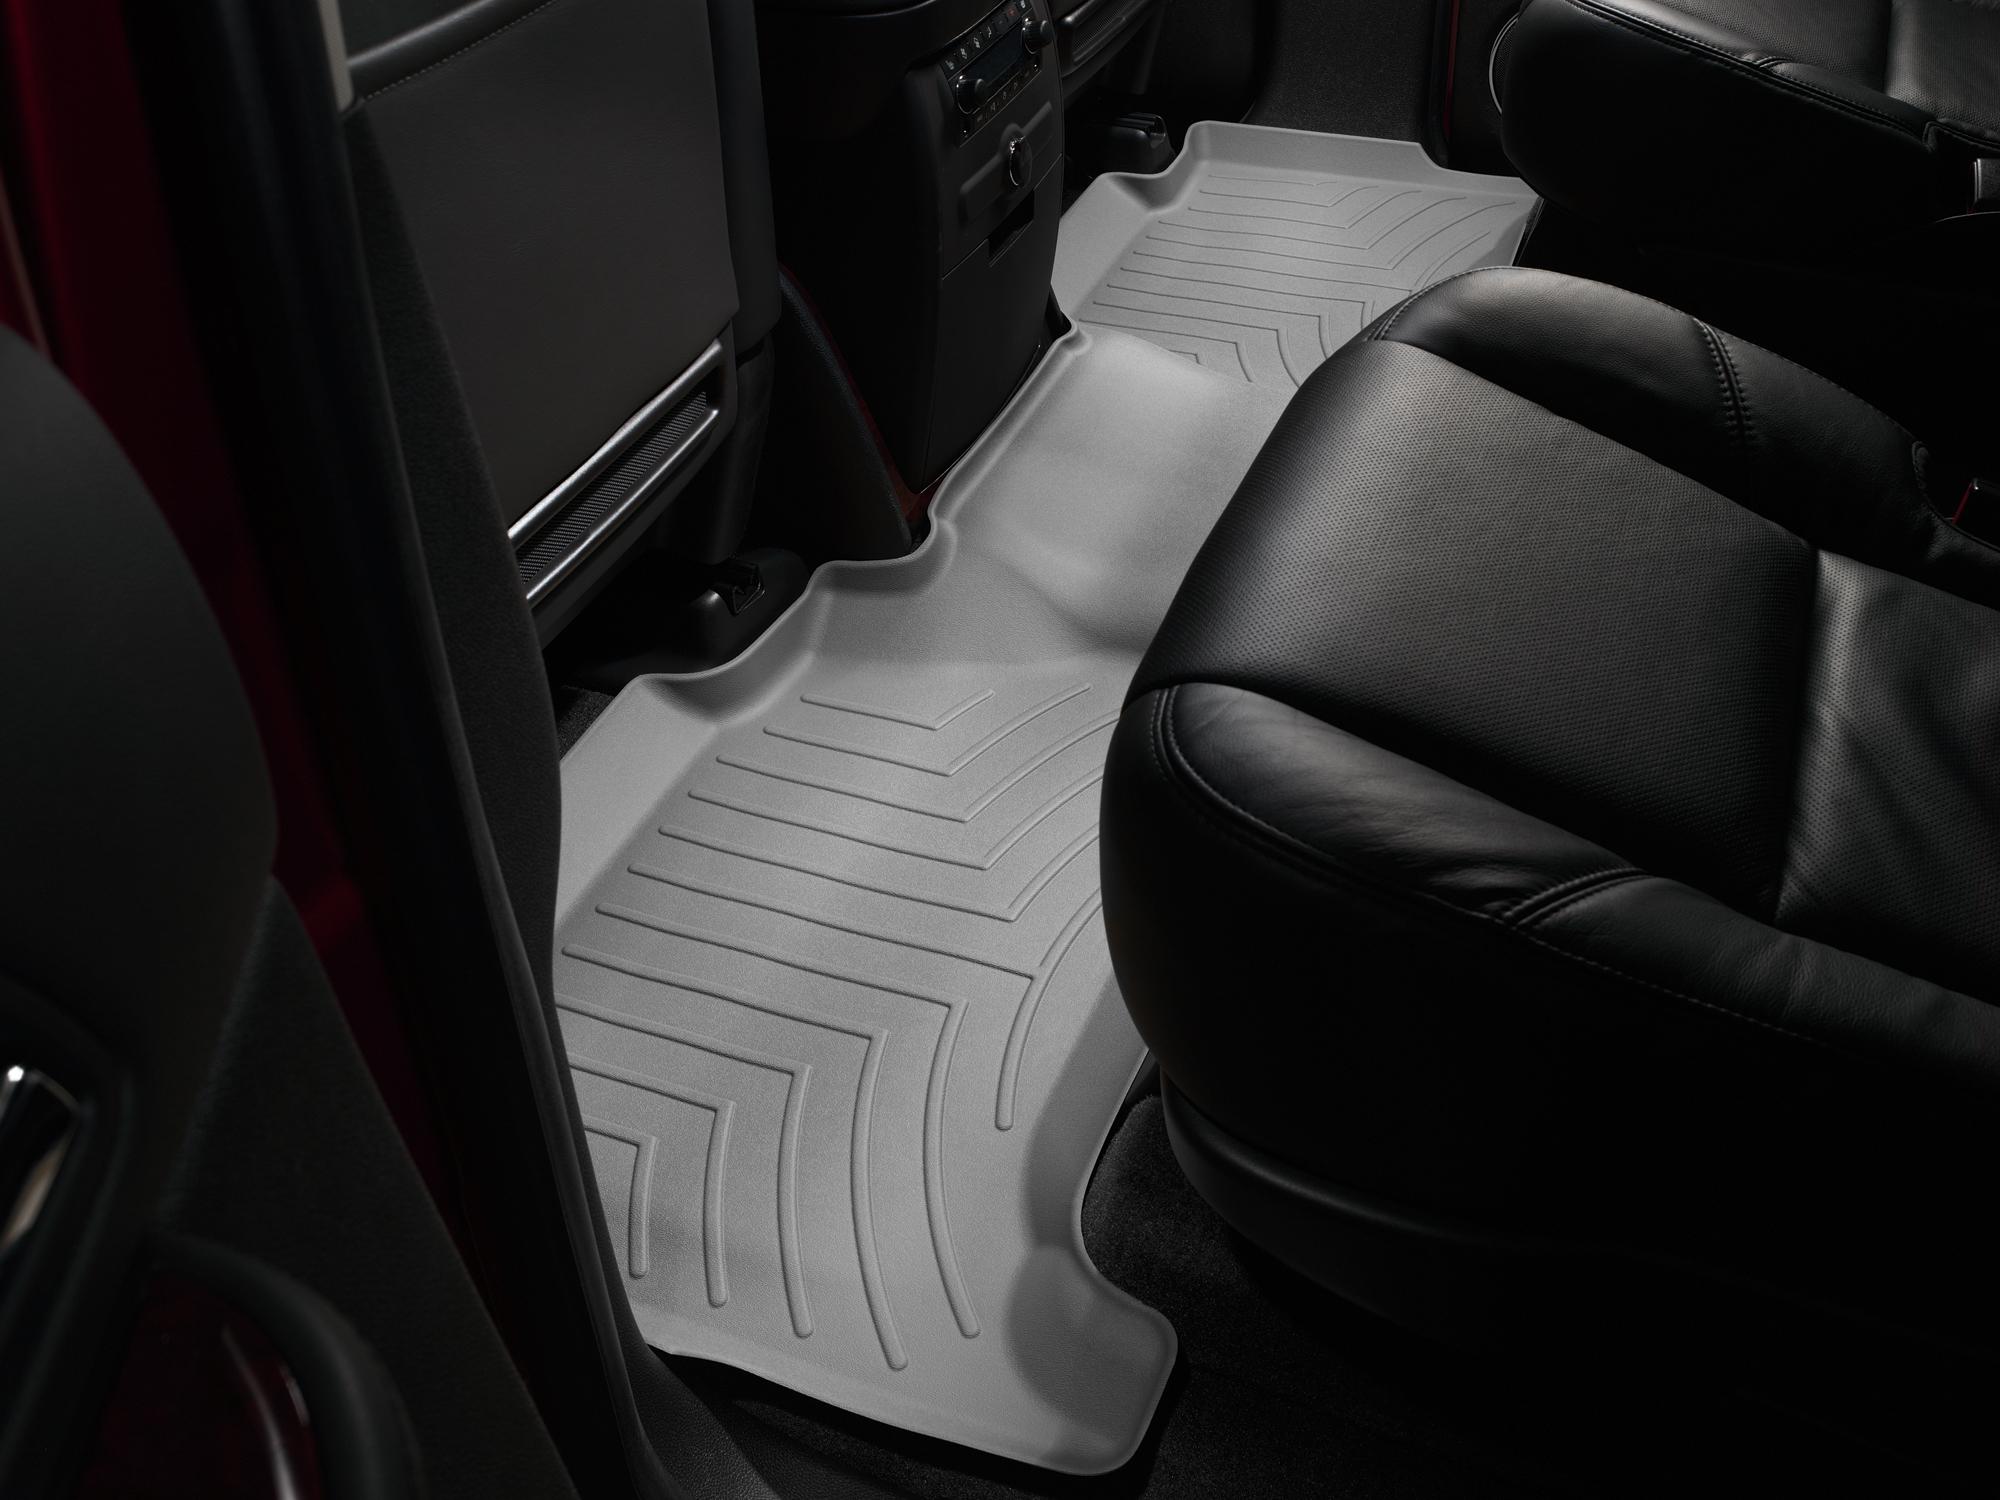 Tappeti gomma su misura bordo alto Cadillac Escalade 07>13 Grigio A16*